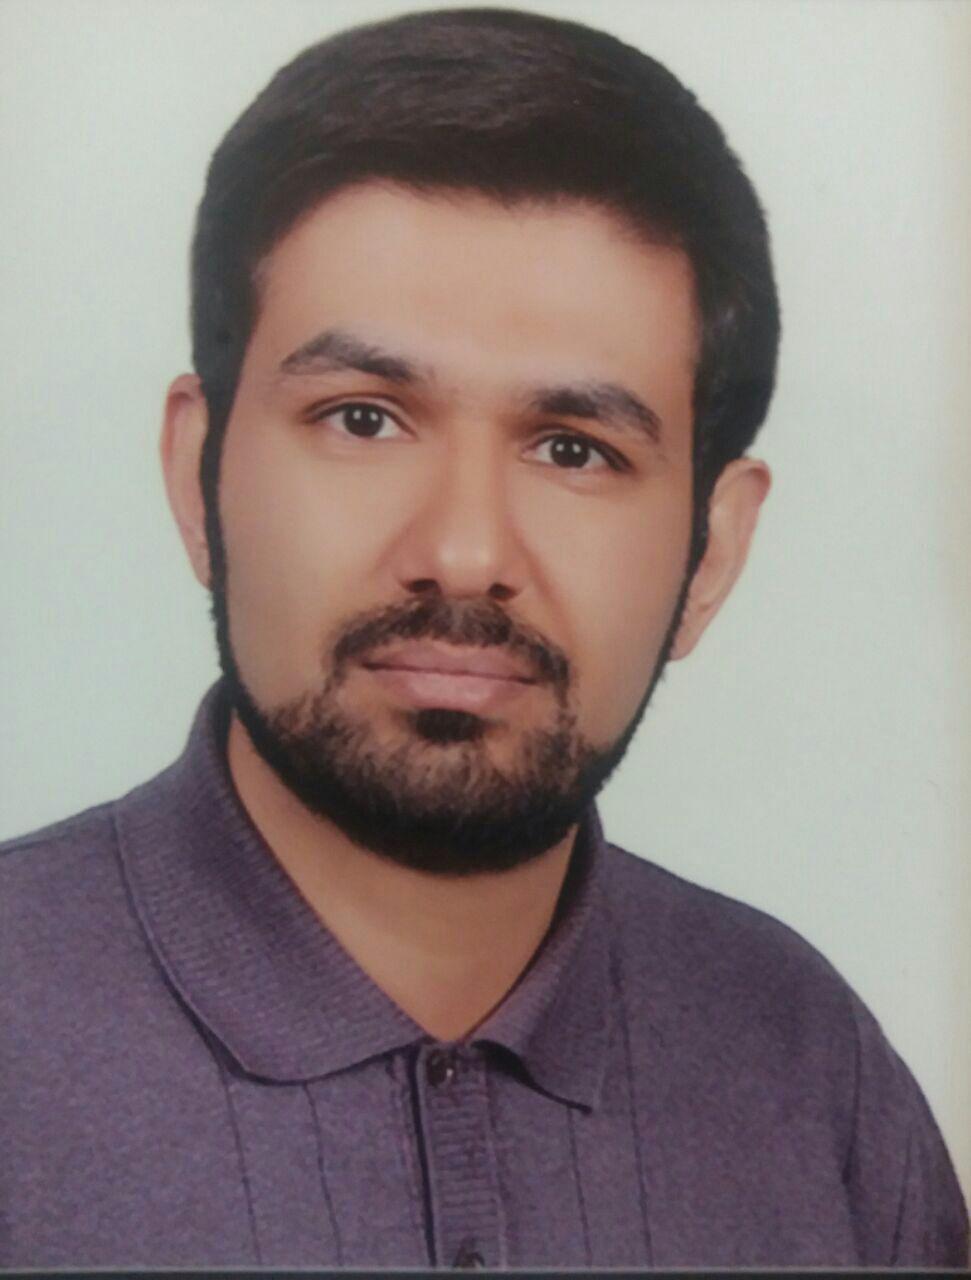 شاخه دانشجویی IEEE دانشگاه آزاد اسلامی واحد شهر مجلسی